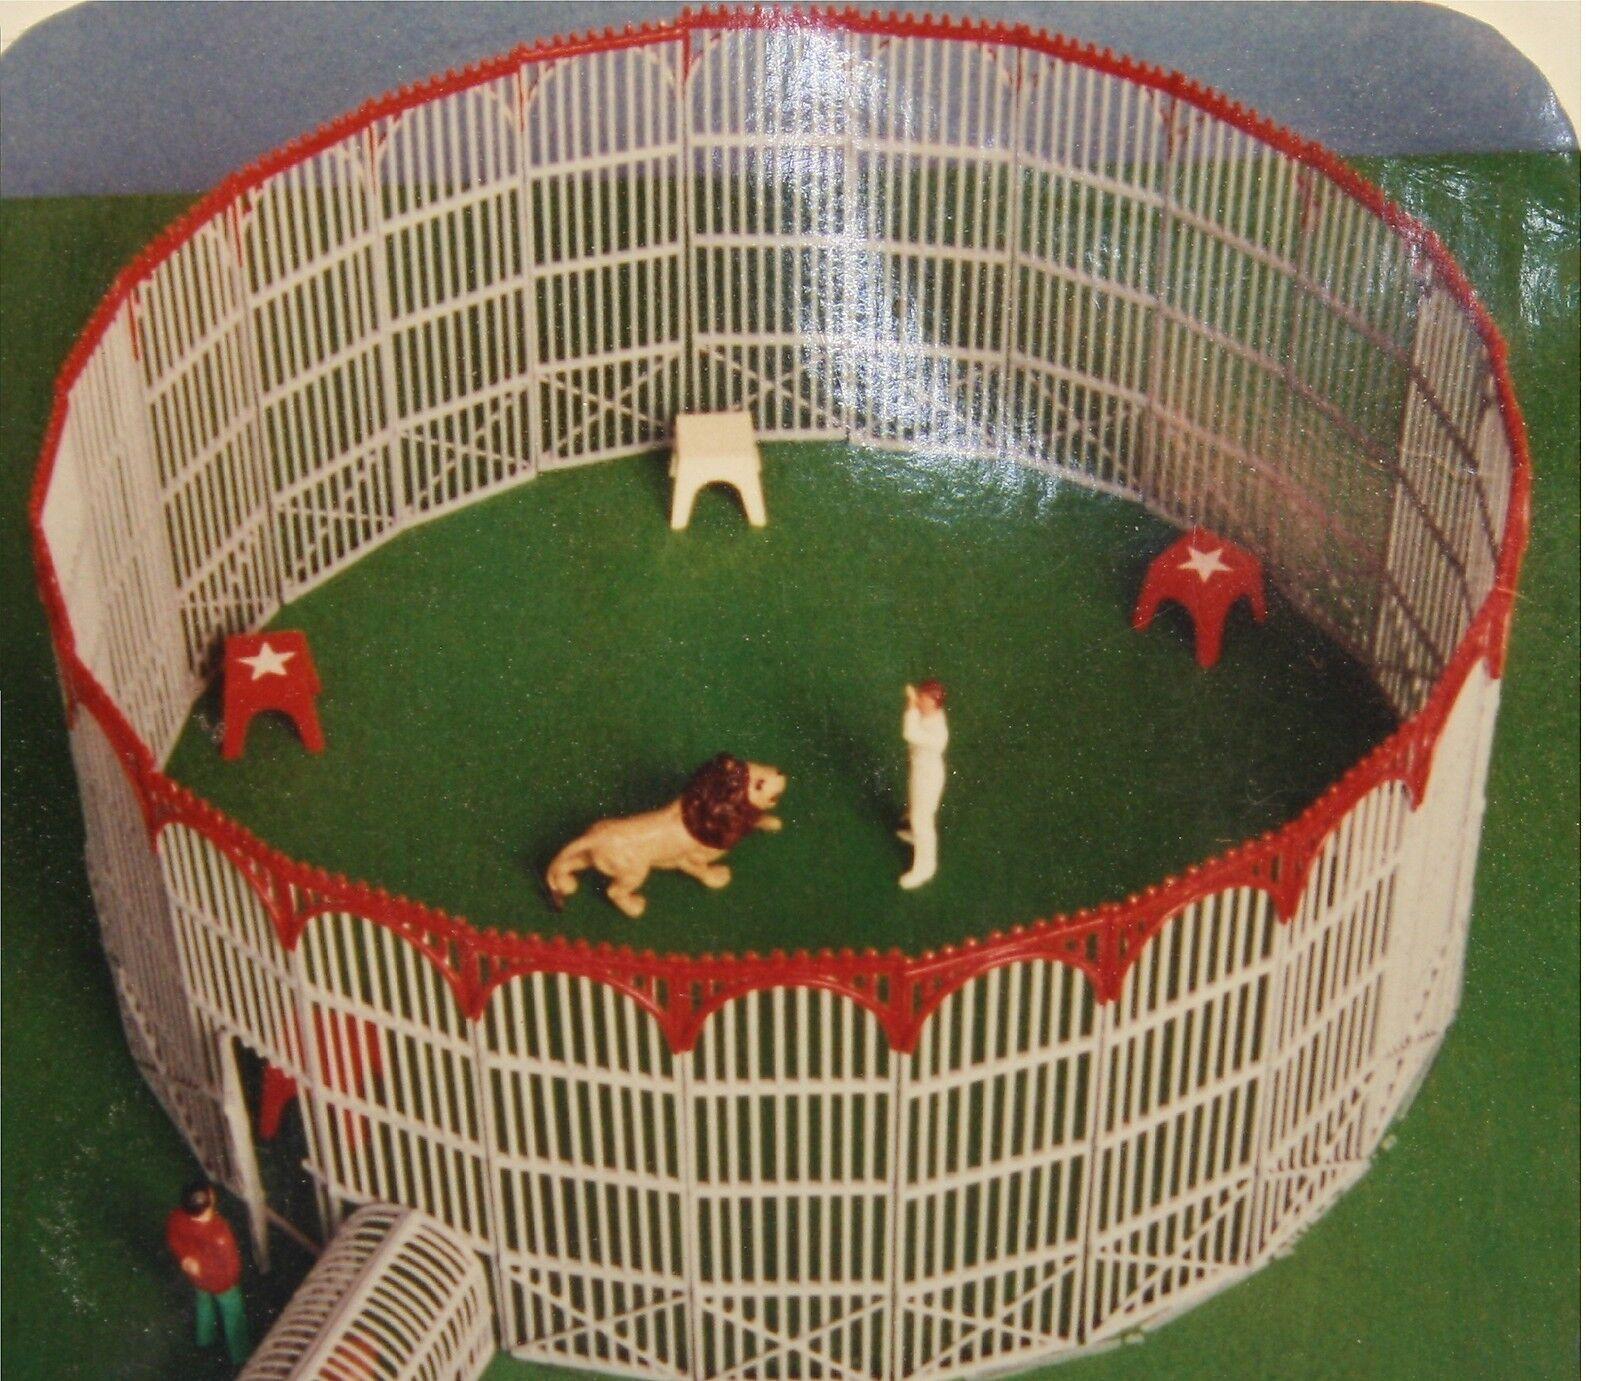 001 - MINICIRQUE - Cage des fauves pour cirque échelle 1 50